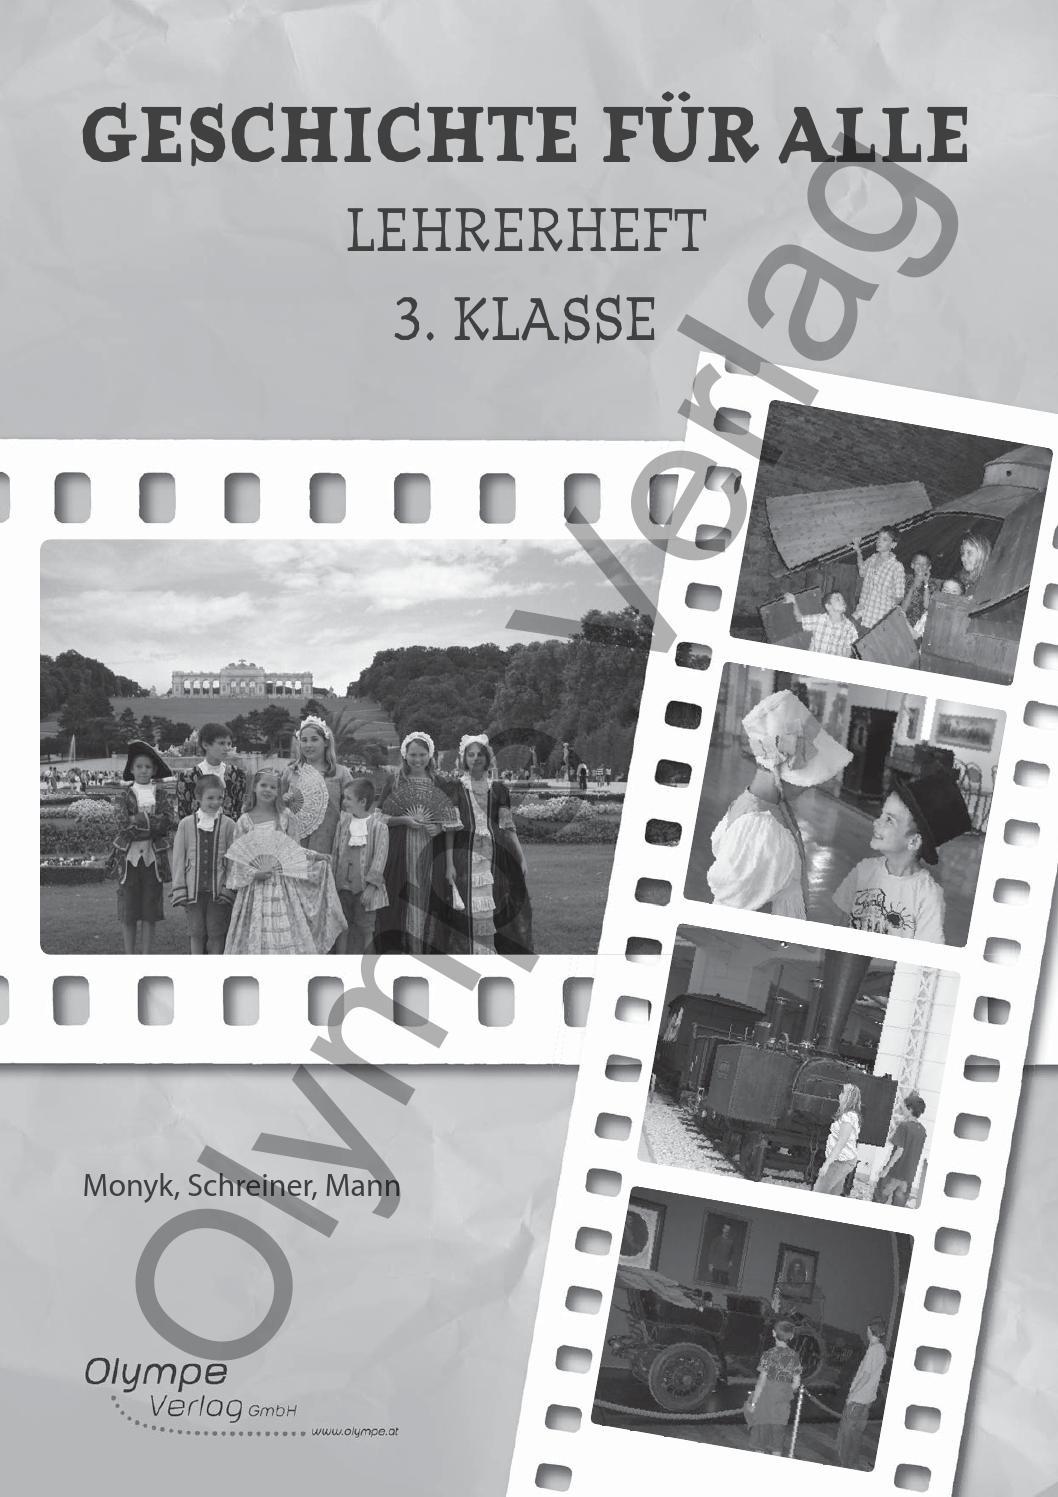 Gs3 lh by Olympe Verlag GmbH - issuu